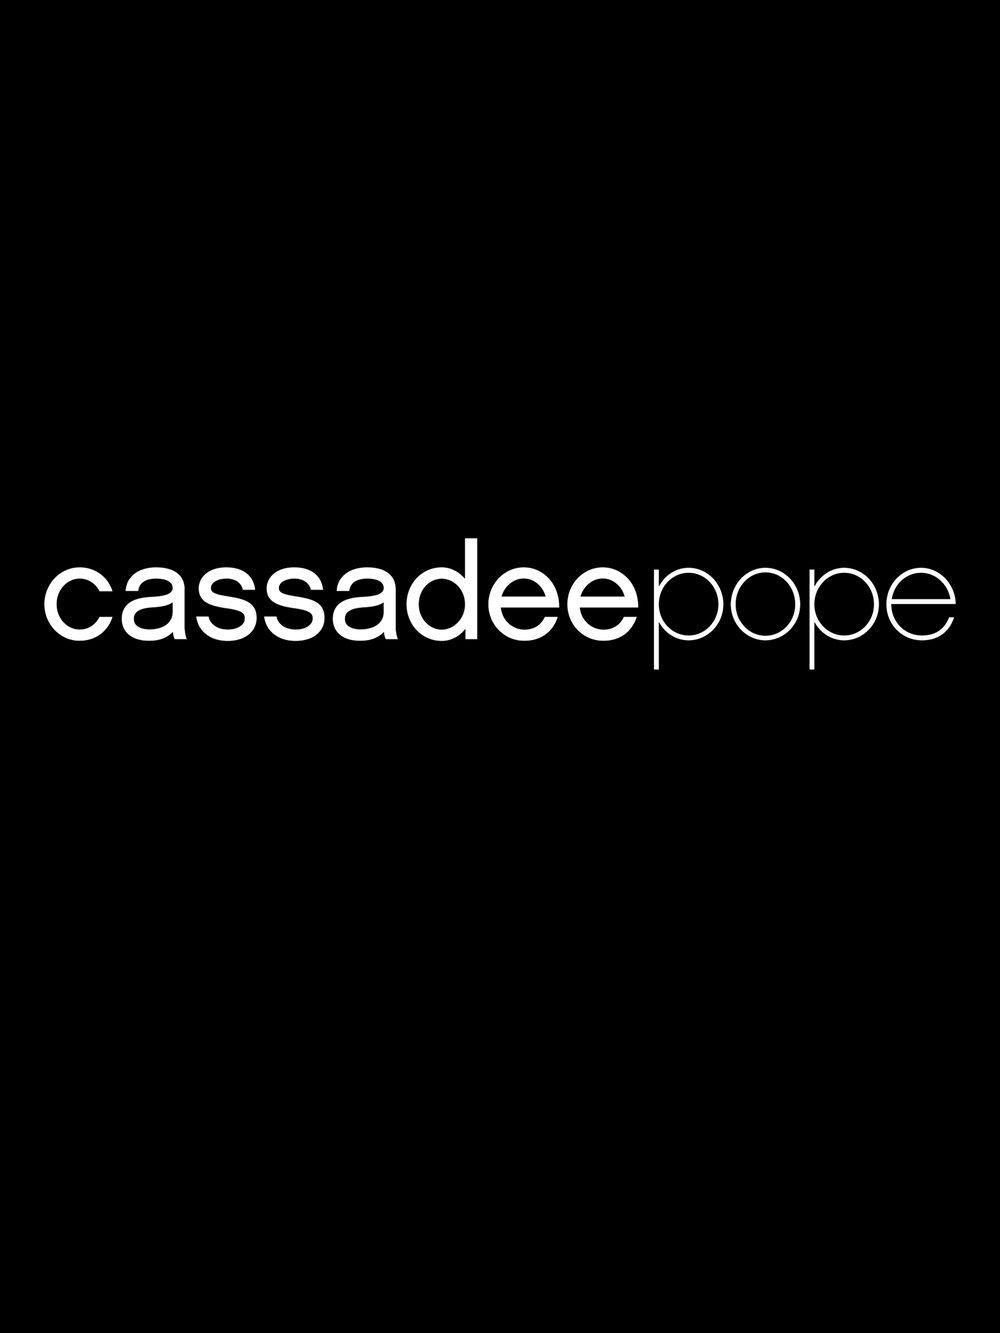 CassadeePopeLogo.jpg